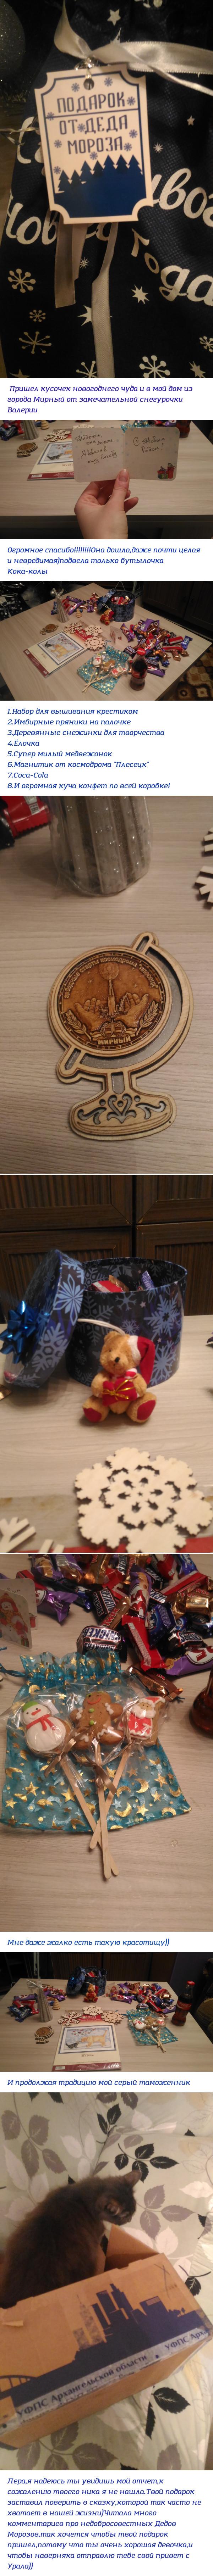 Снегурочка Валерия из Архангельской области отзовитесь! анонимный Дед Мороз, обмен подарками, Тайная снегурочка, новогоднее чудо, длиннопост